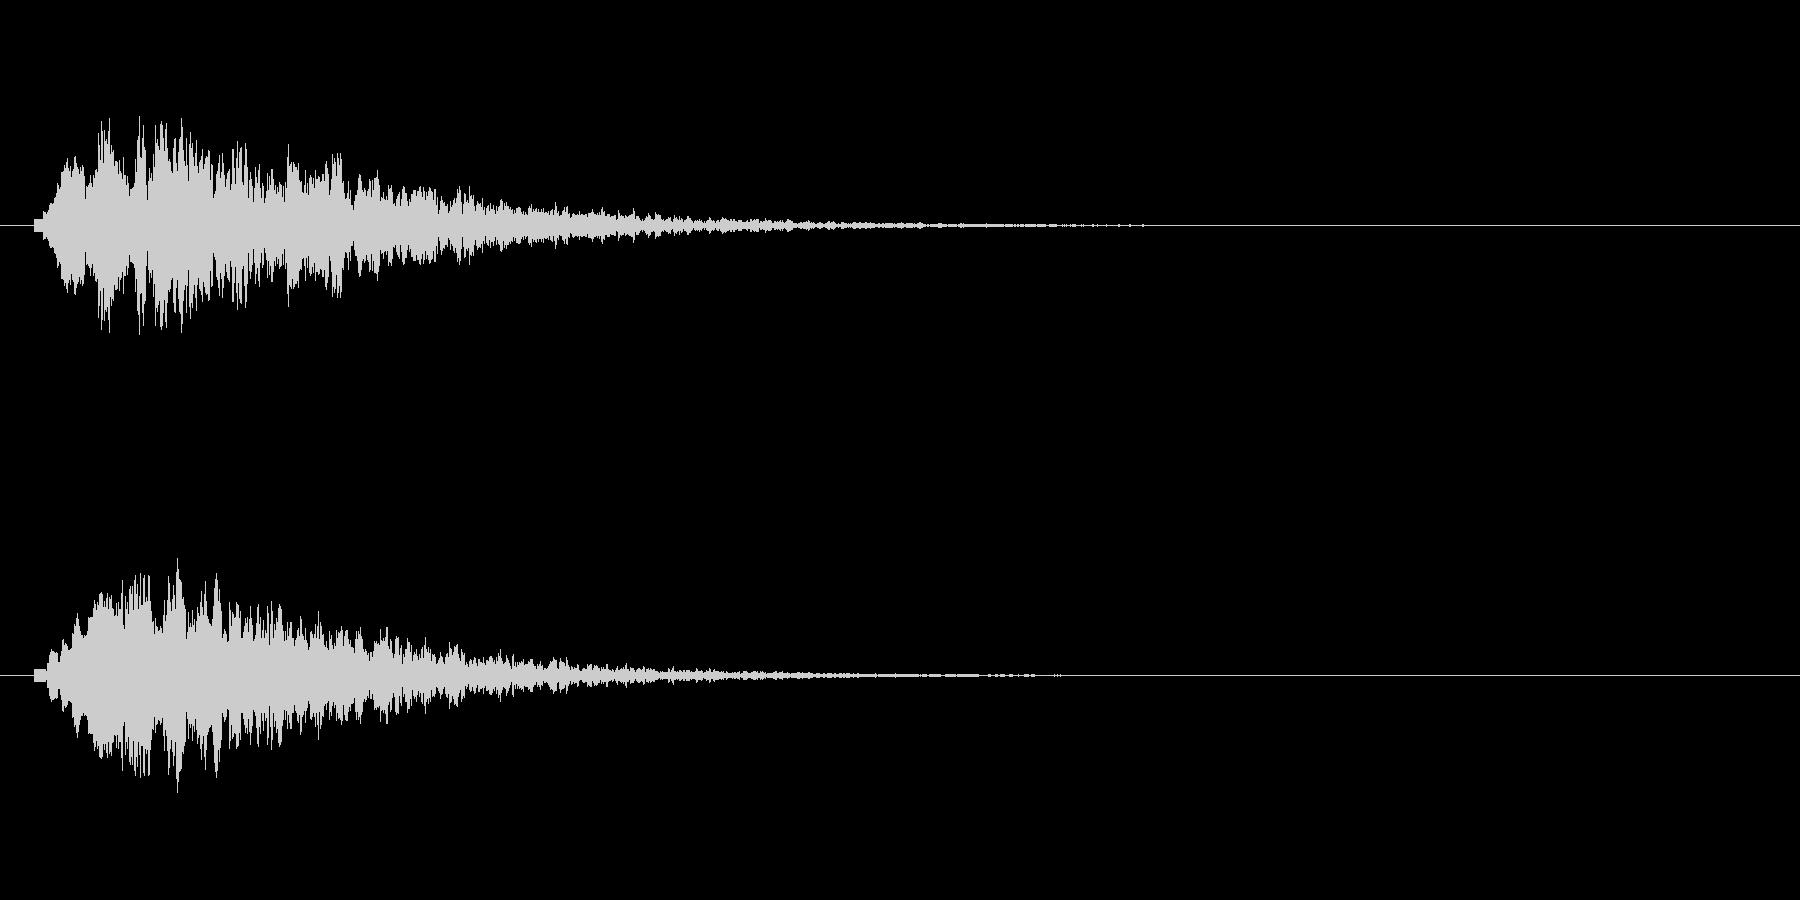 キラリン(光る音、輝く音、星の流れる音)の未再生の波形